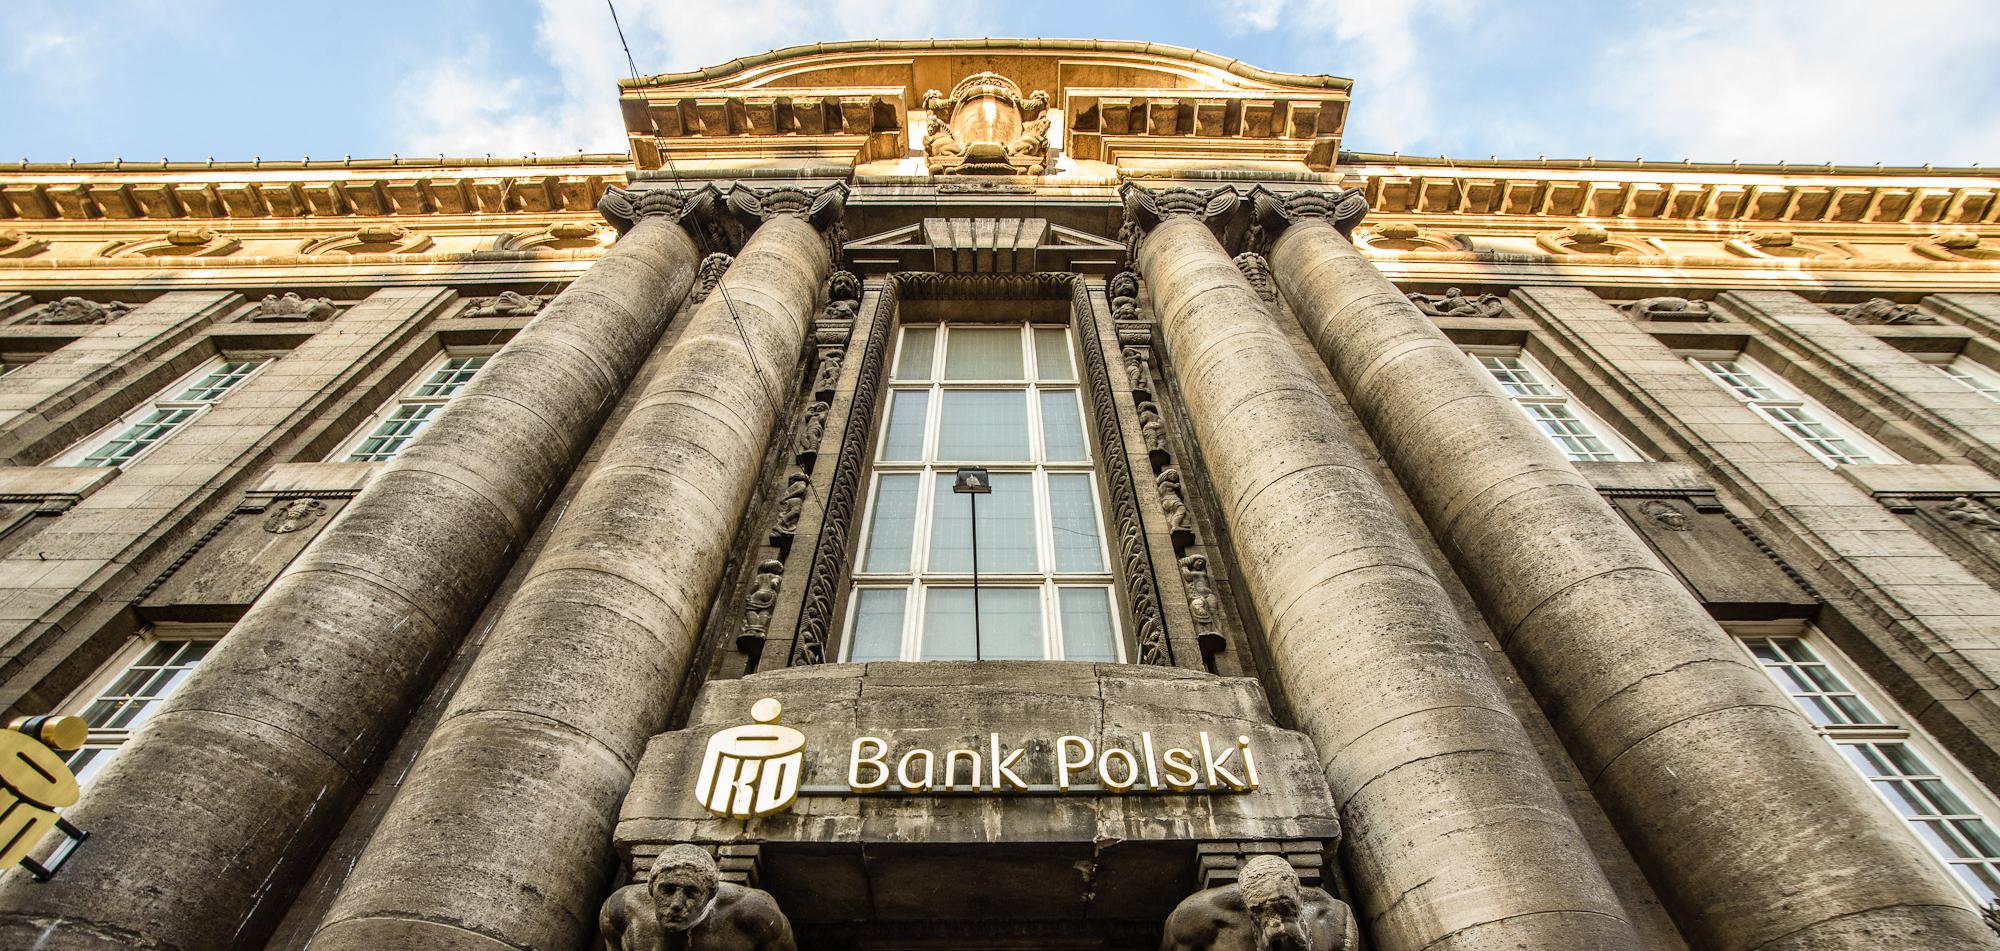 Как открыть корпоративный счет в банке Польши для бизнеса?